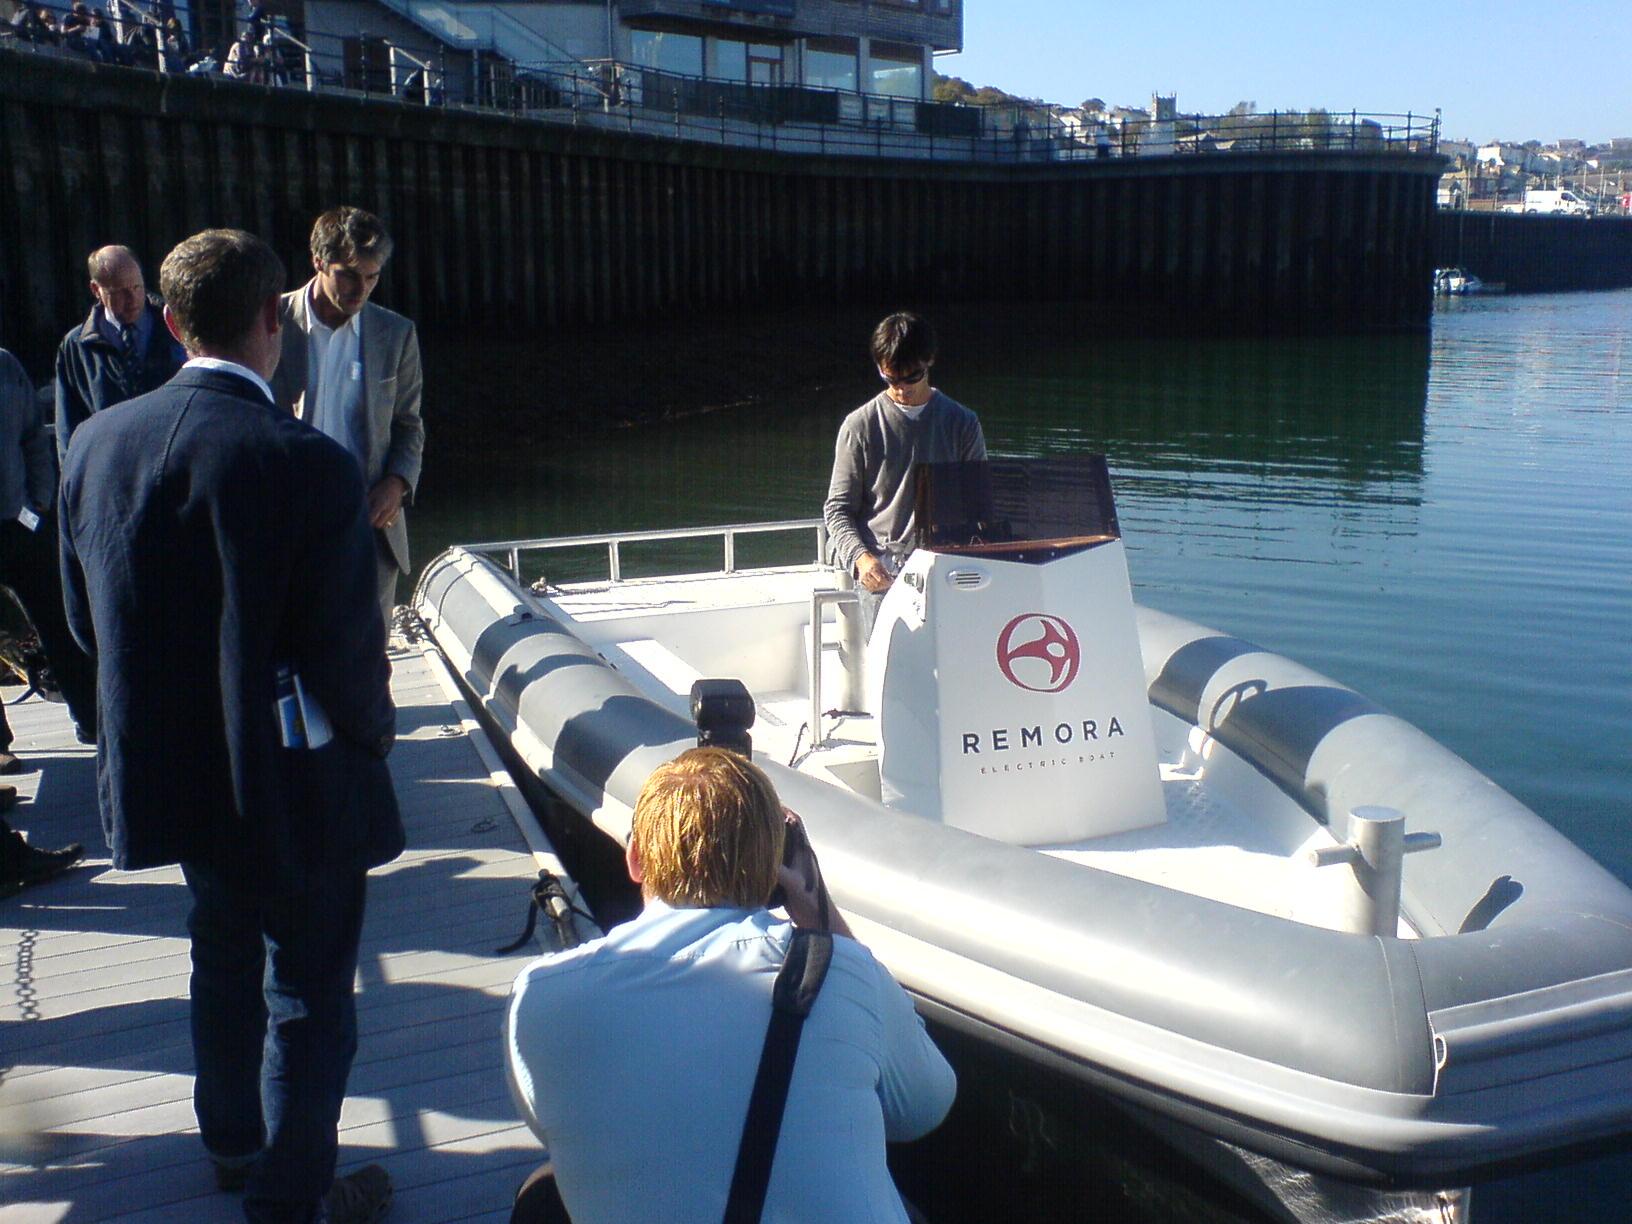 The E3H Electric Boat